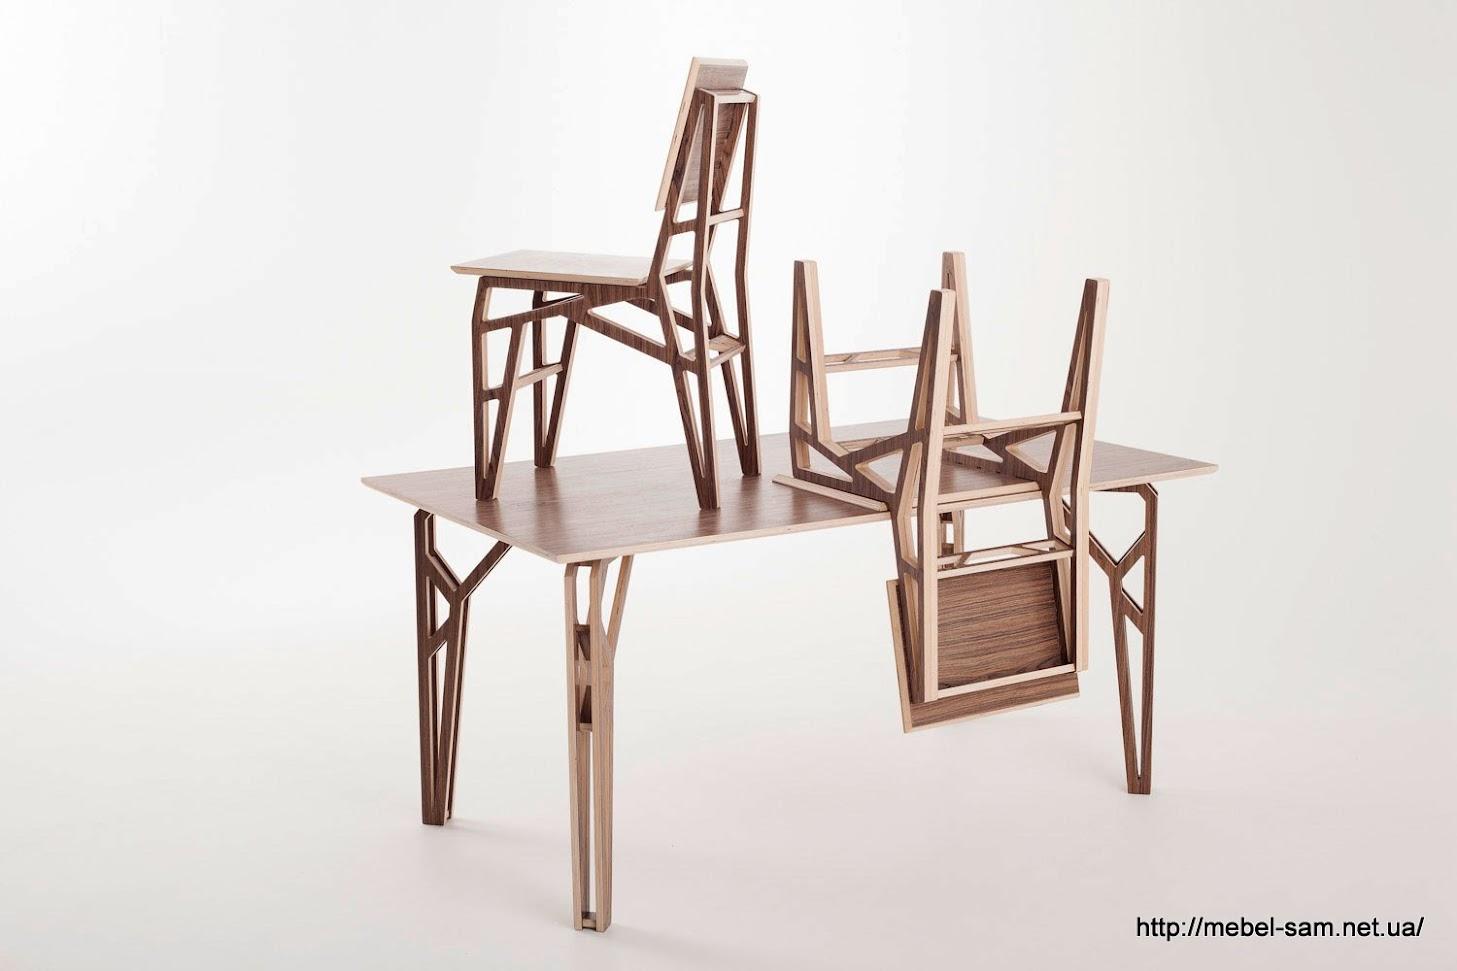 Под стать стульям должен быть и стол. Этот - отличный вариант прямоугольного стола из фанеры